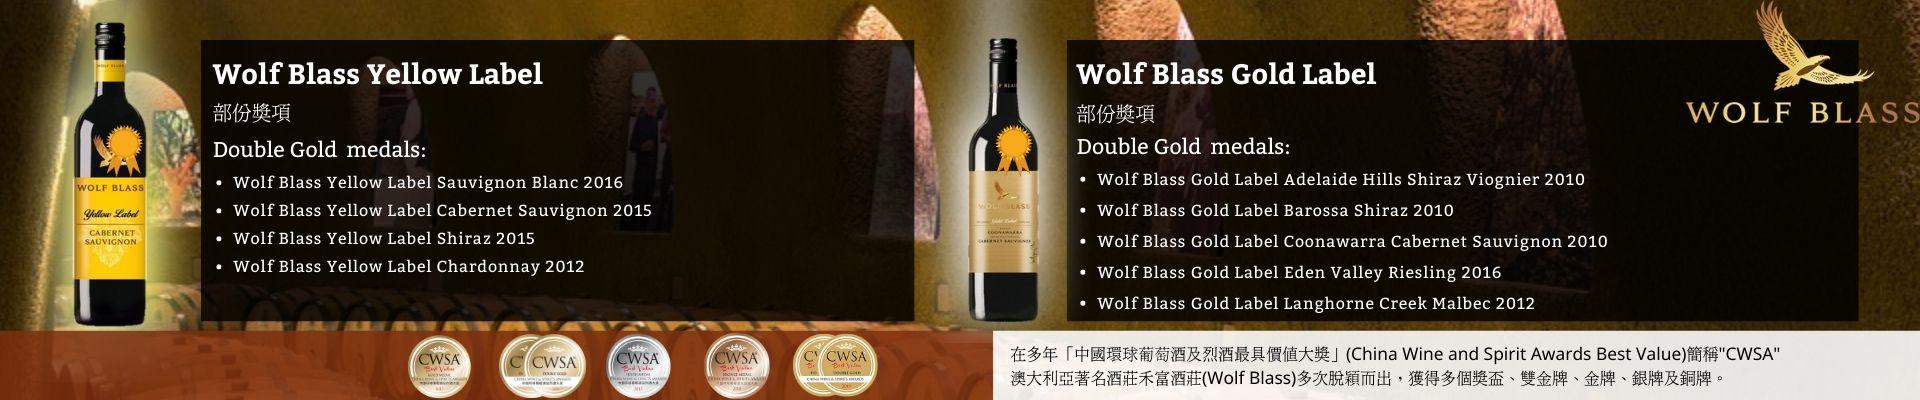 禾富巴斯 黃牌 赤霞珠 澳洲紅酒 (Wolf Blass Yellow Label Cabernet Sauvignon Australian Red Wine) 由來自麥克拉倫谷McLaren Vale和蘭好溪Langhorne Creek產區的赤霞珠釀造,完美演繹出葡萄特性及產區的獨特風土條件。 禾富巴斯釀酒師將其中29%的黃牌赤霞珠置於橡木桶內熟成2個月,增加入口層次及質感; 黃牌赤霞珠散發濃郁黑果味為主,如_ 「梅子、藍